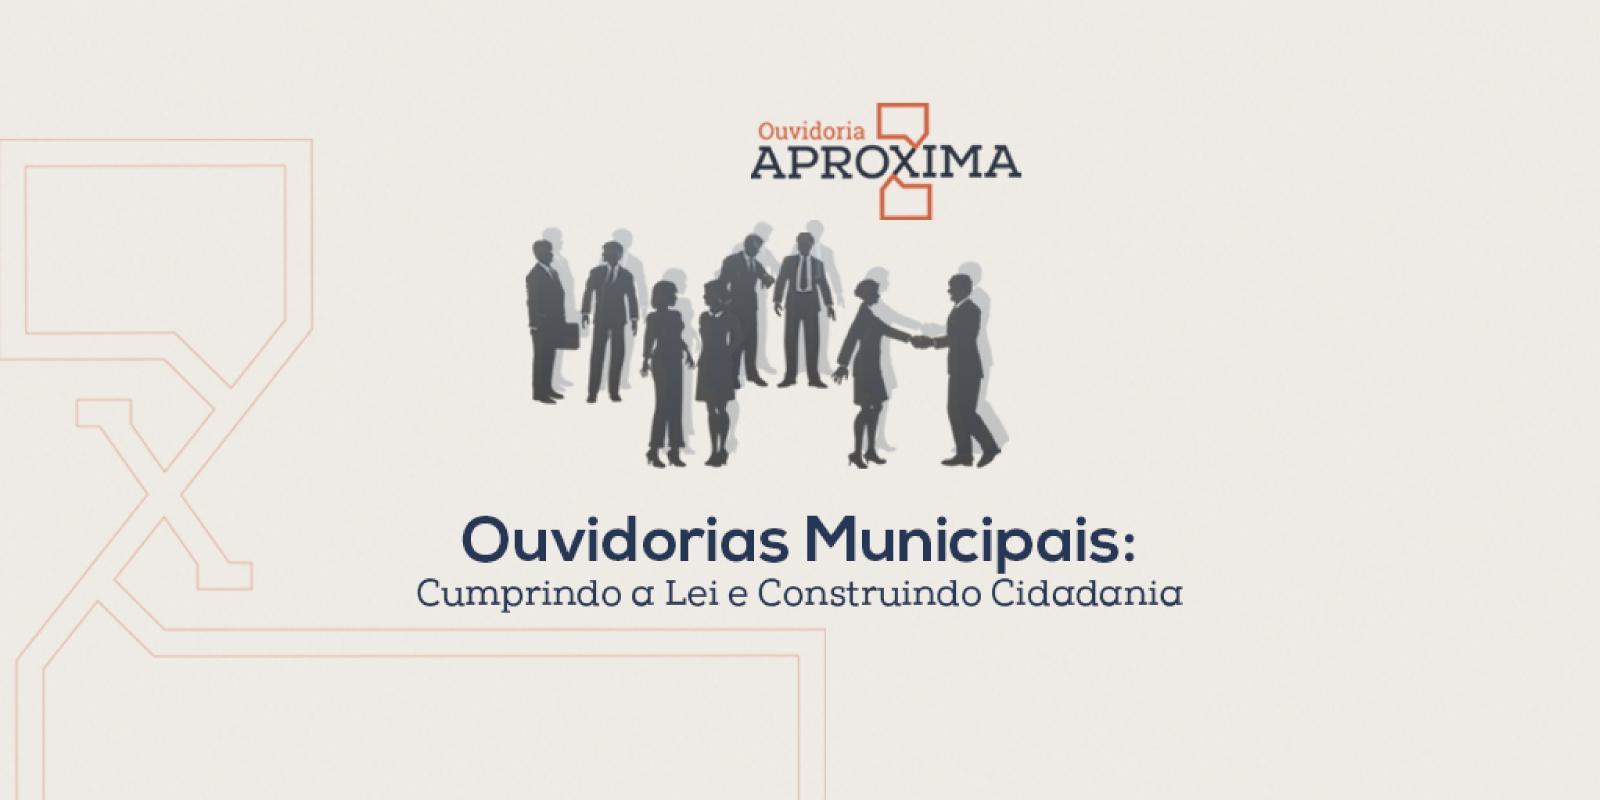 Tribunal promove evento para criação das ouvidorias municipais